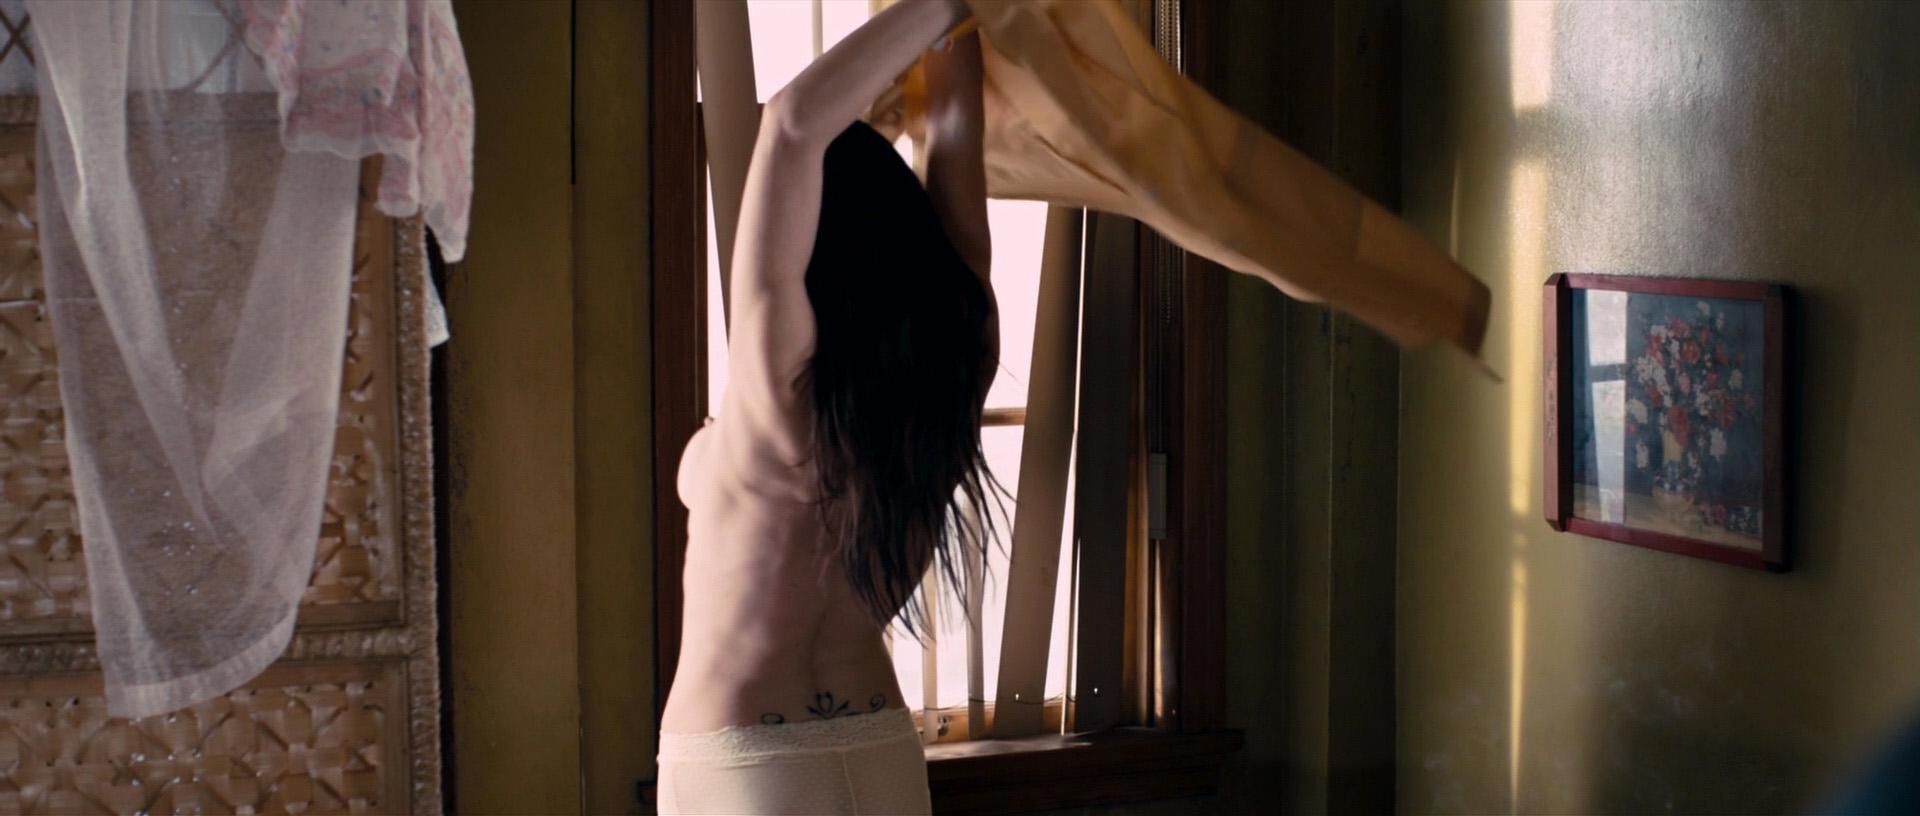 Desnuda lynn collins